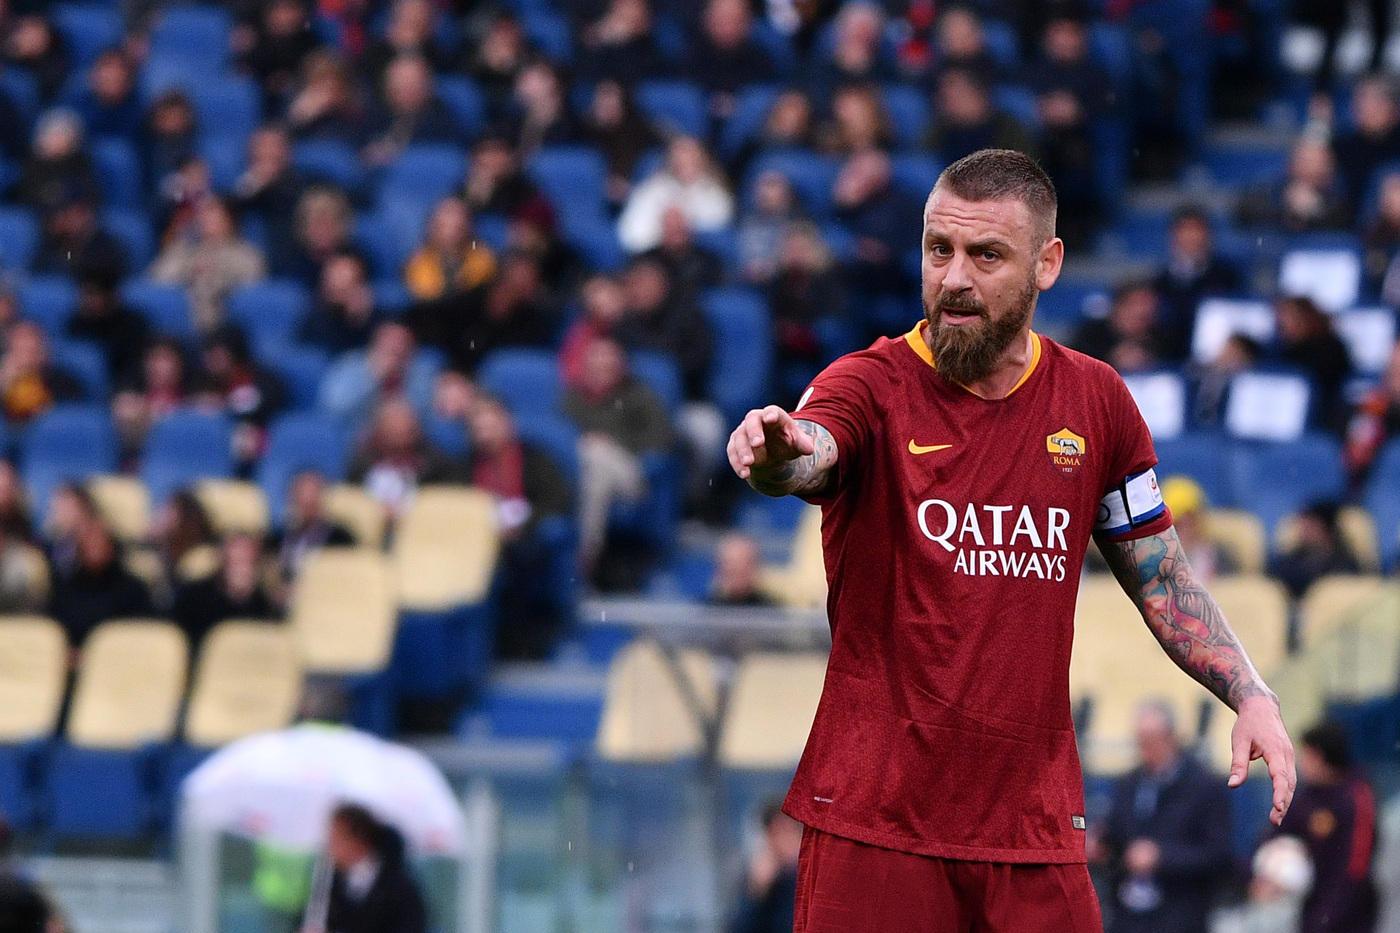 Mercato: De Rossi e gli altri, la top 10 dei giocatori in scadenza a giugno